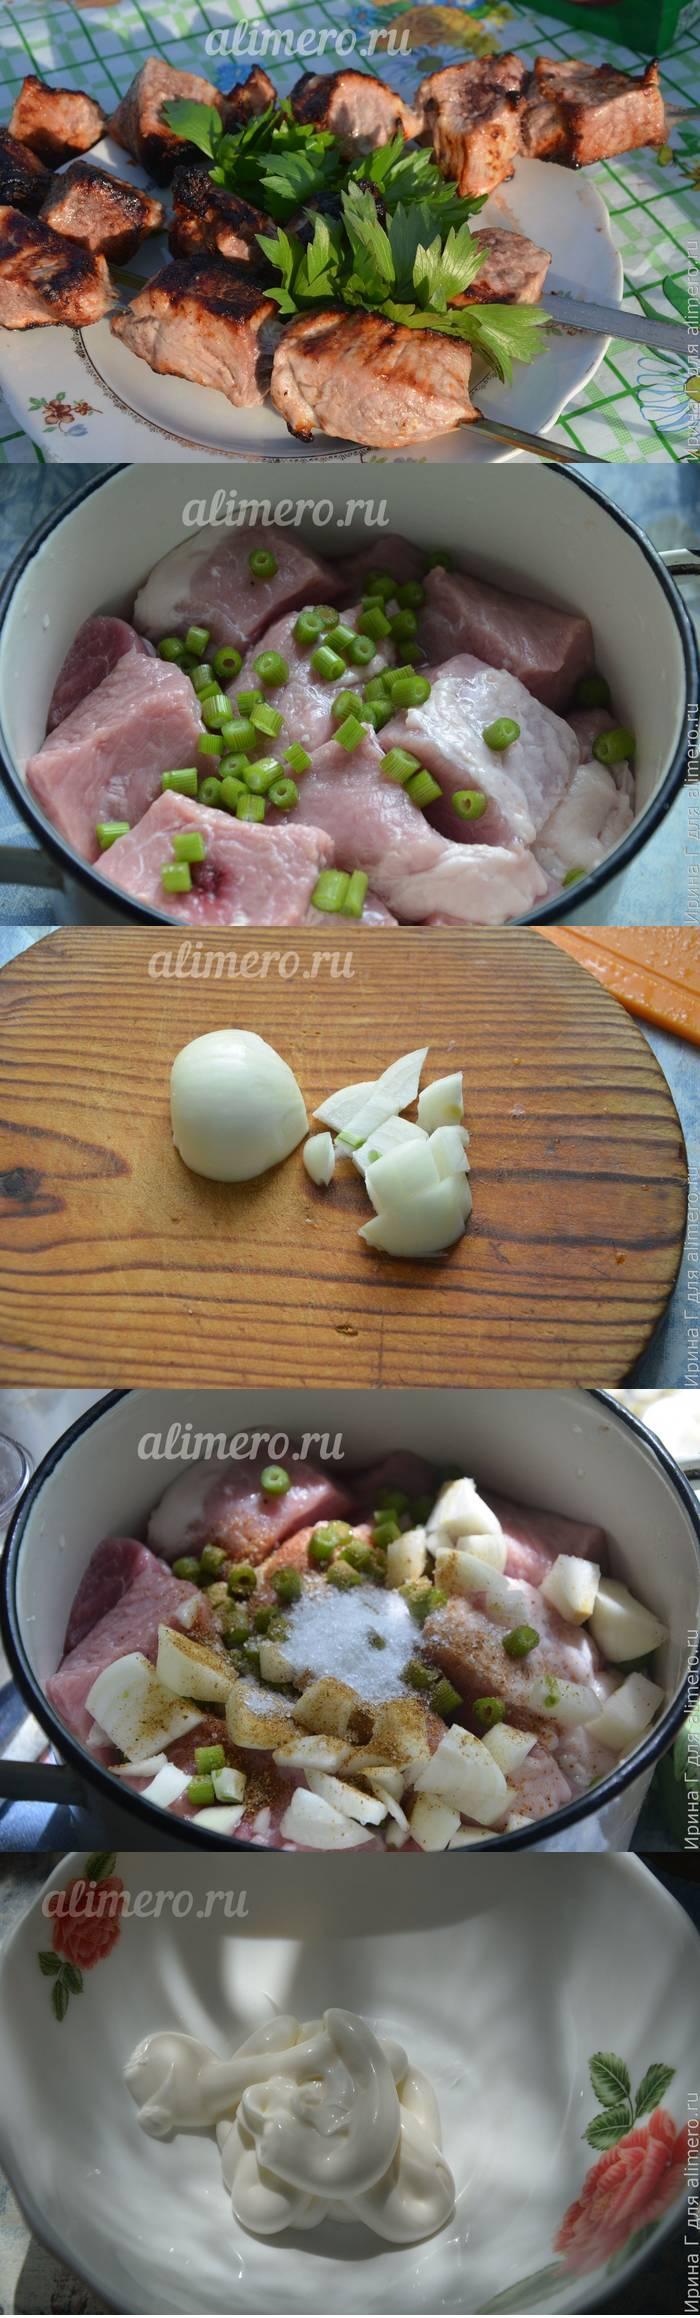 Шашлык из свинины в кефире и майонезе